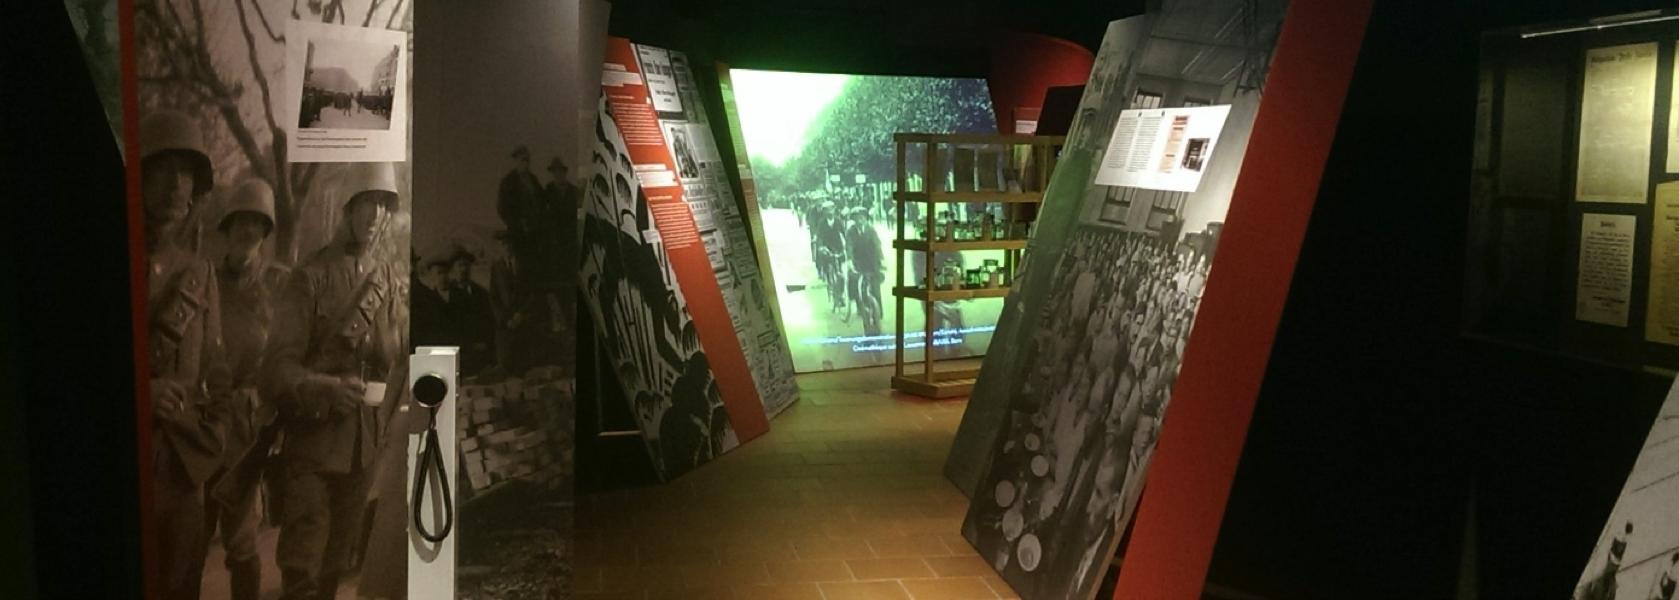 Im Innern der Ausstellung kommt durch schräge, unregelmässig angeordnete Schauwände das Chaos des Ersten Weltkrieges zum Ausdruck.